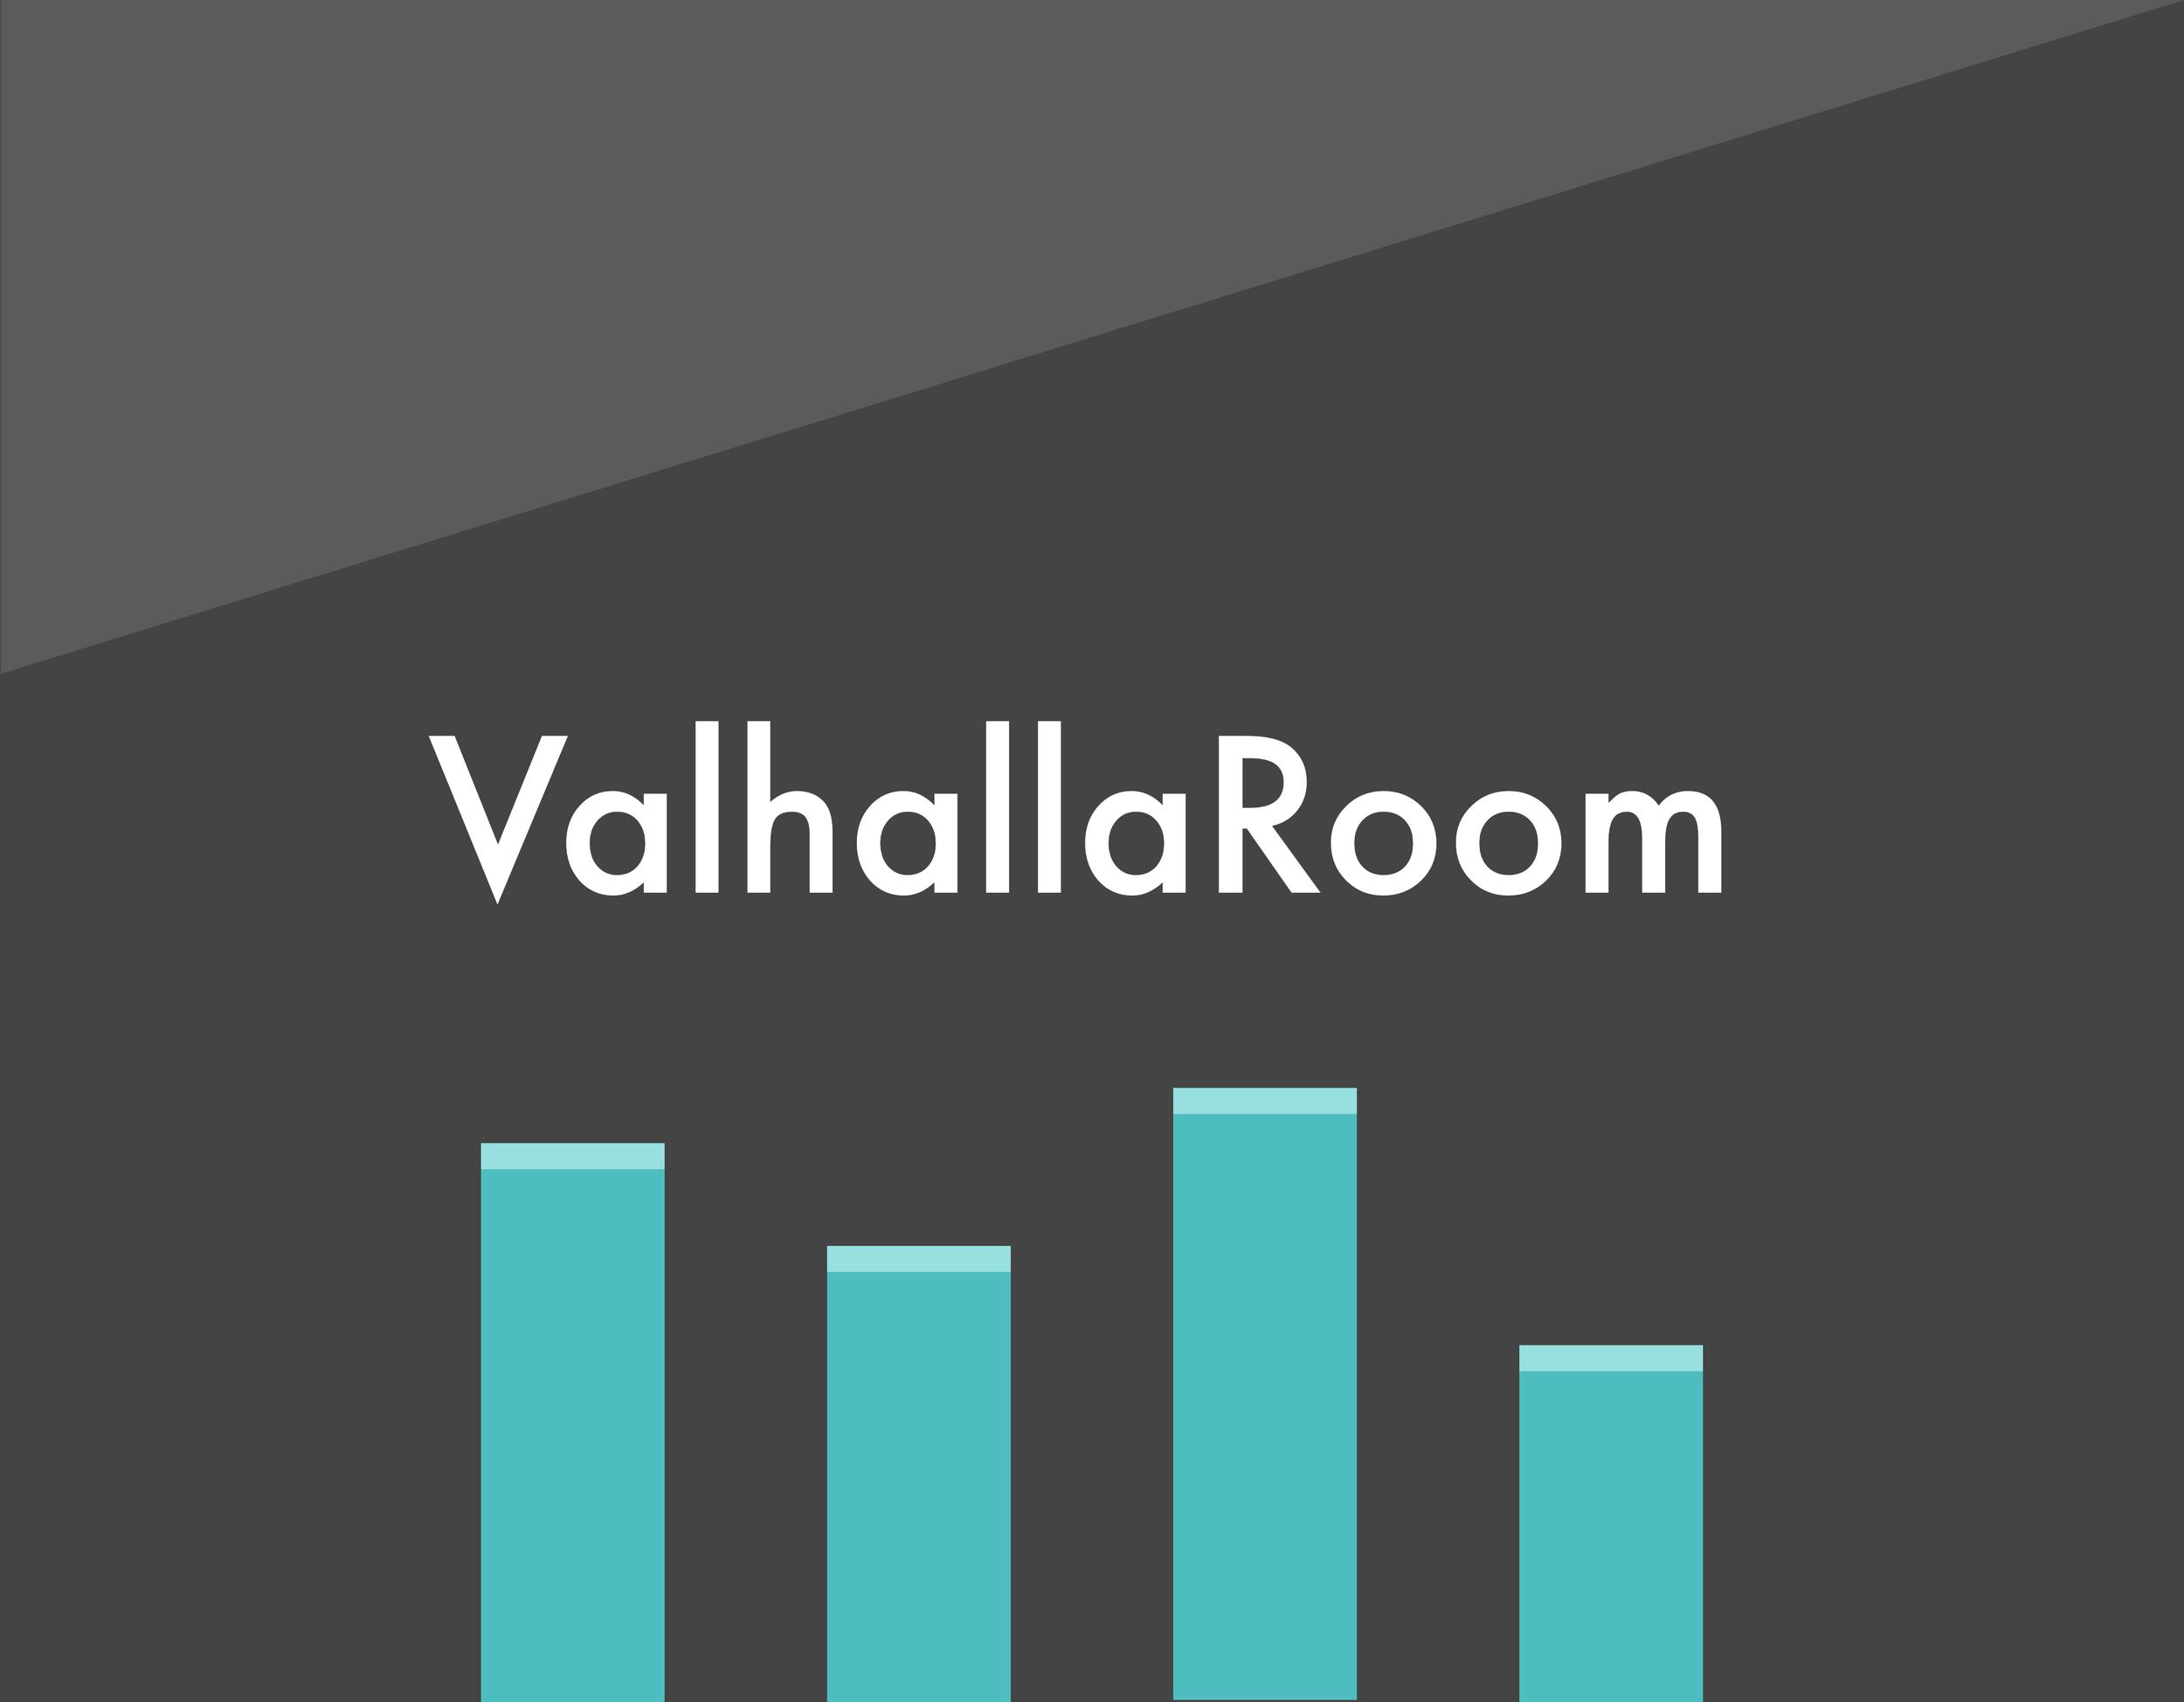 Valhalla Room.png